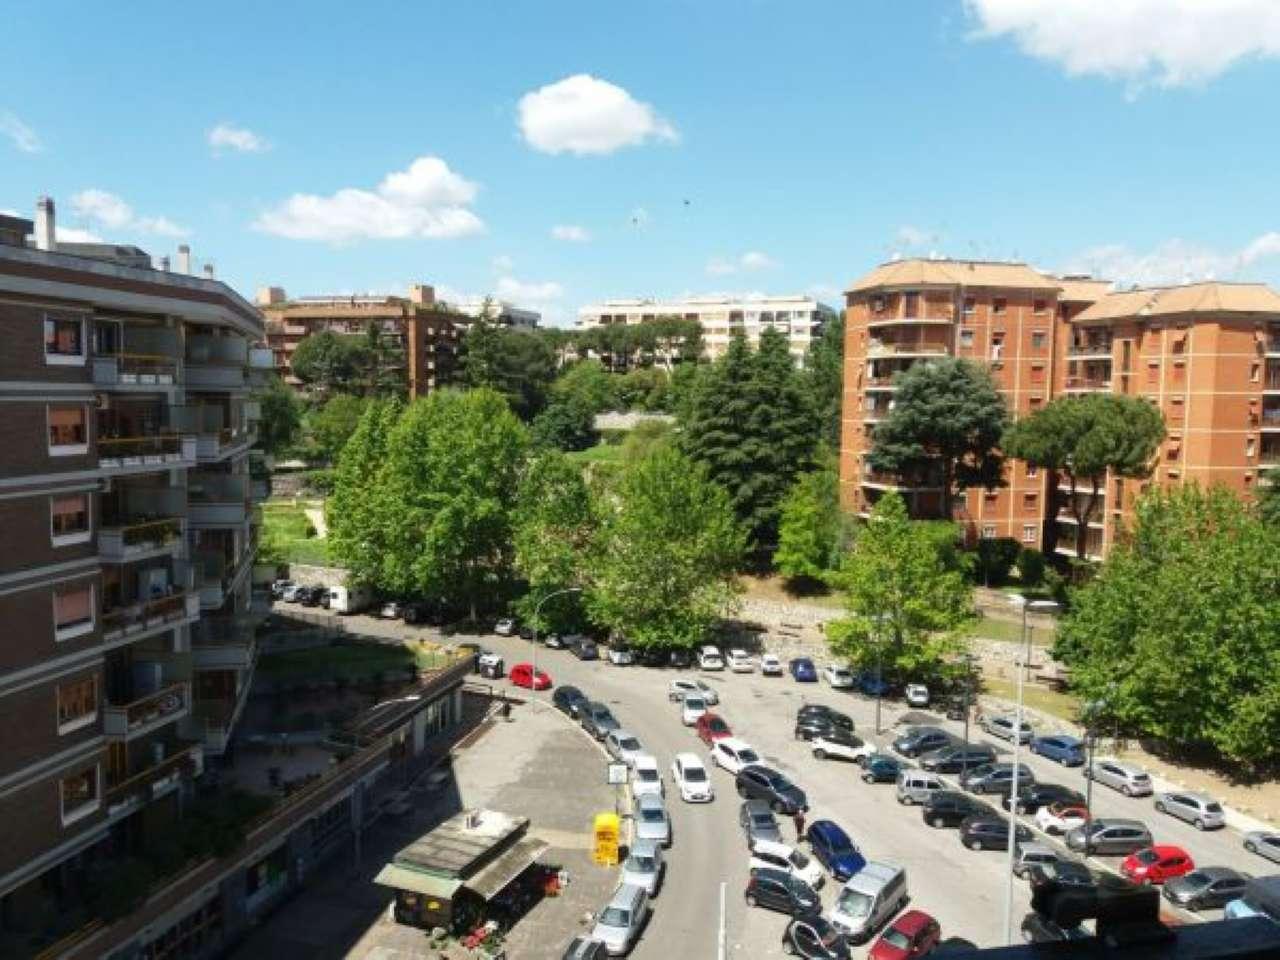 Appartamento in vendita a Roma, 4 locali, zona Zona: 6 . Nuovo Salario, Prati Fiscali, Tufello, Conca d'Oro, Città giardino, prezzo € 245.000 | CambioCasa.it